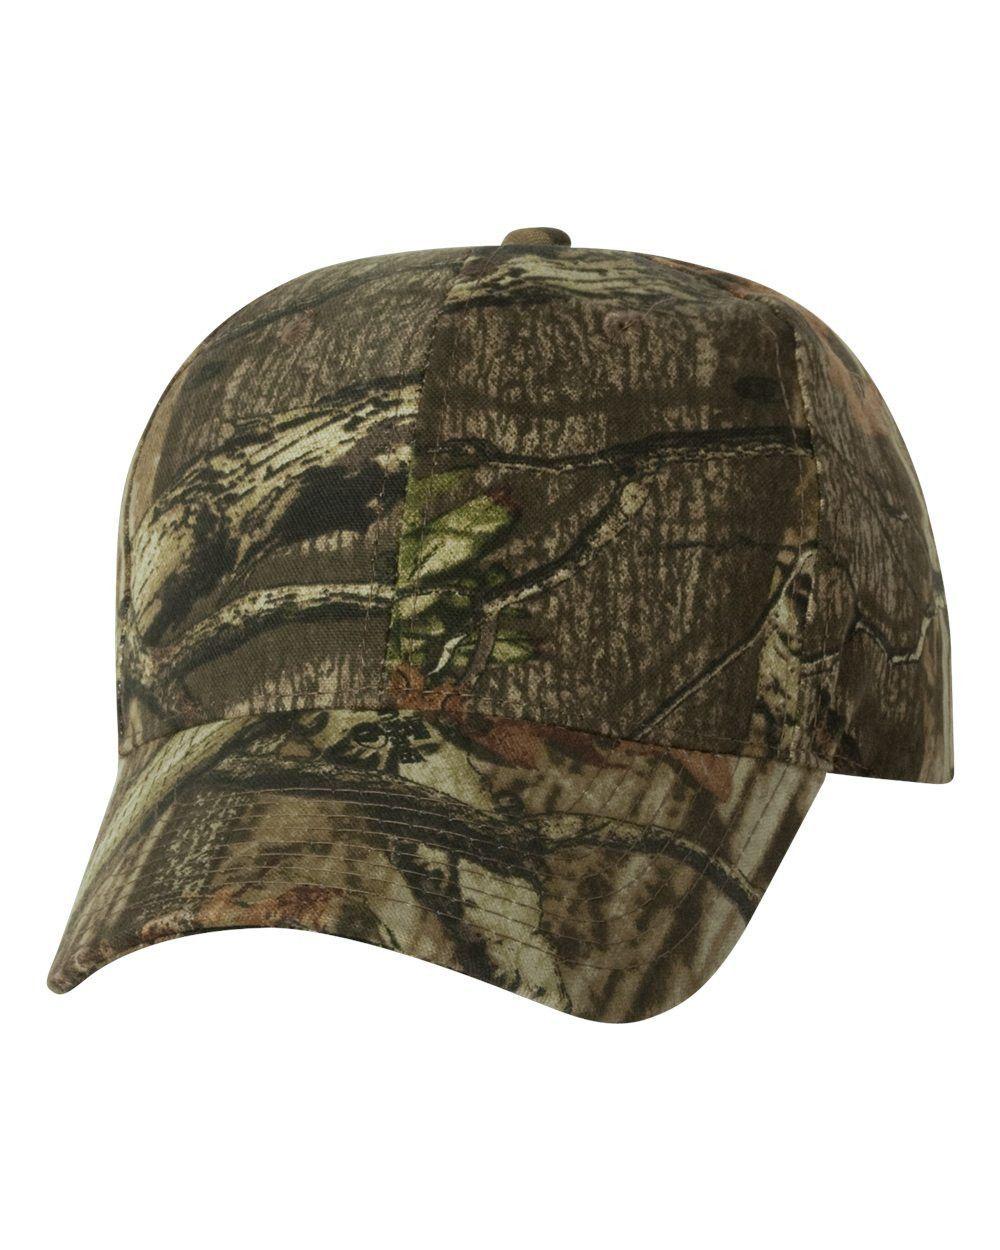 0307cc5ec56cd Outdoor Cap - Camouflage Cap - 301IS Infinity